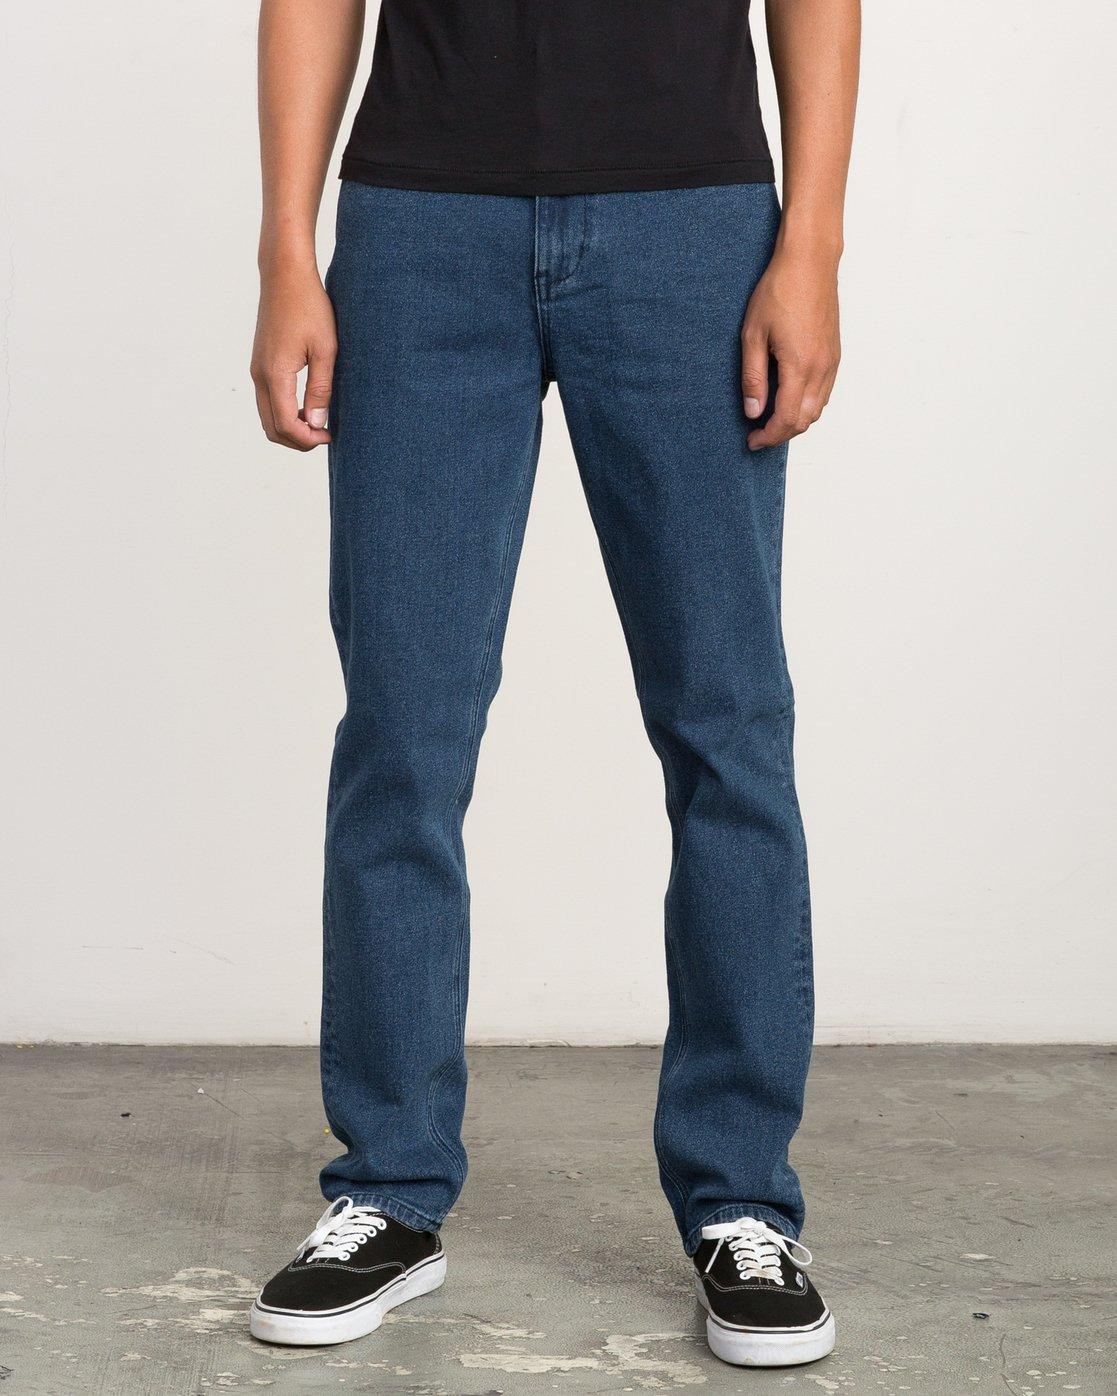 0 Daggers Slim-Straight Jeans Blue M302QRDA RVCA